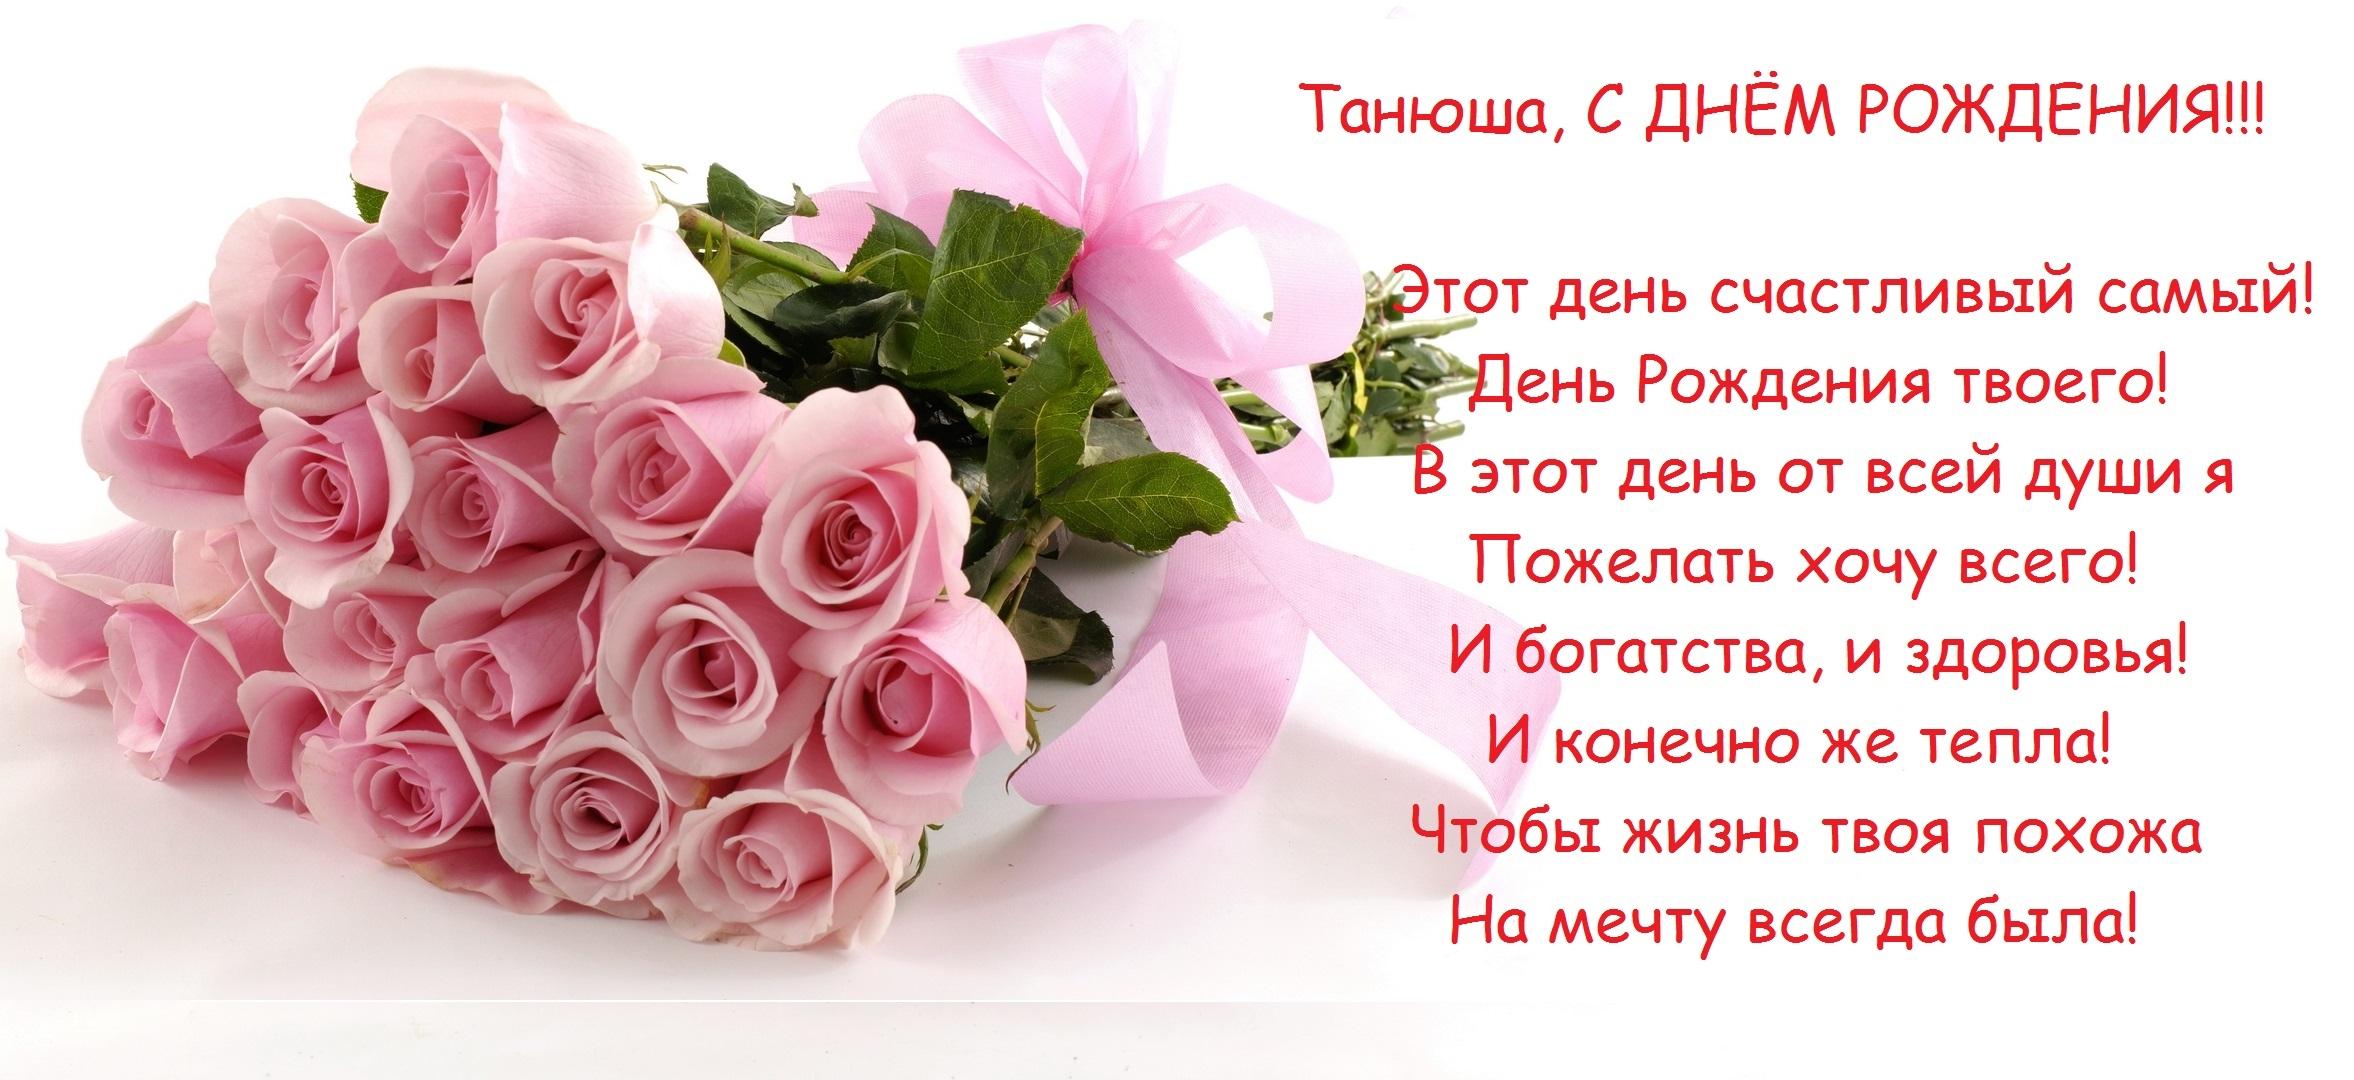 Поздравления для женщин по имени татьяна с днем рождения